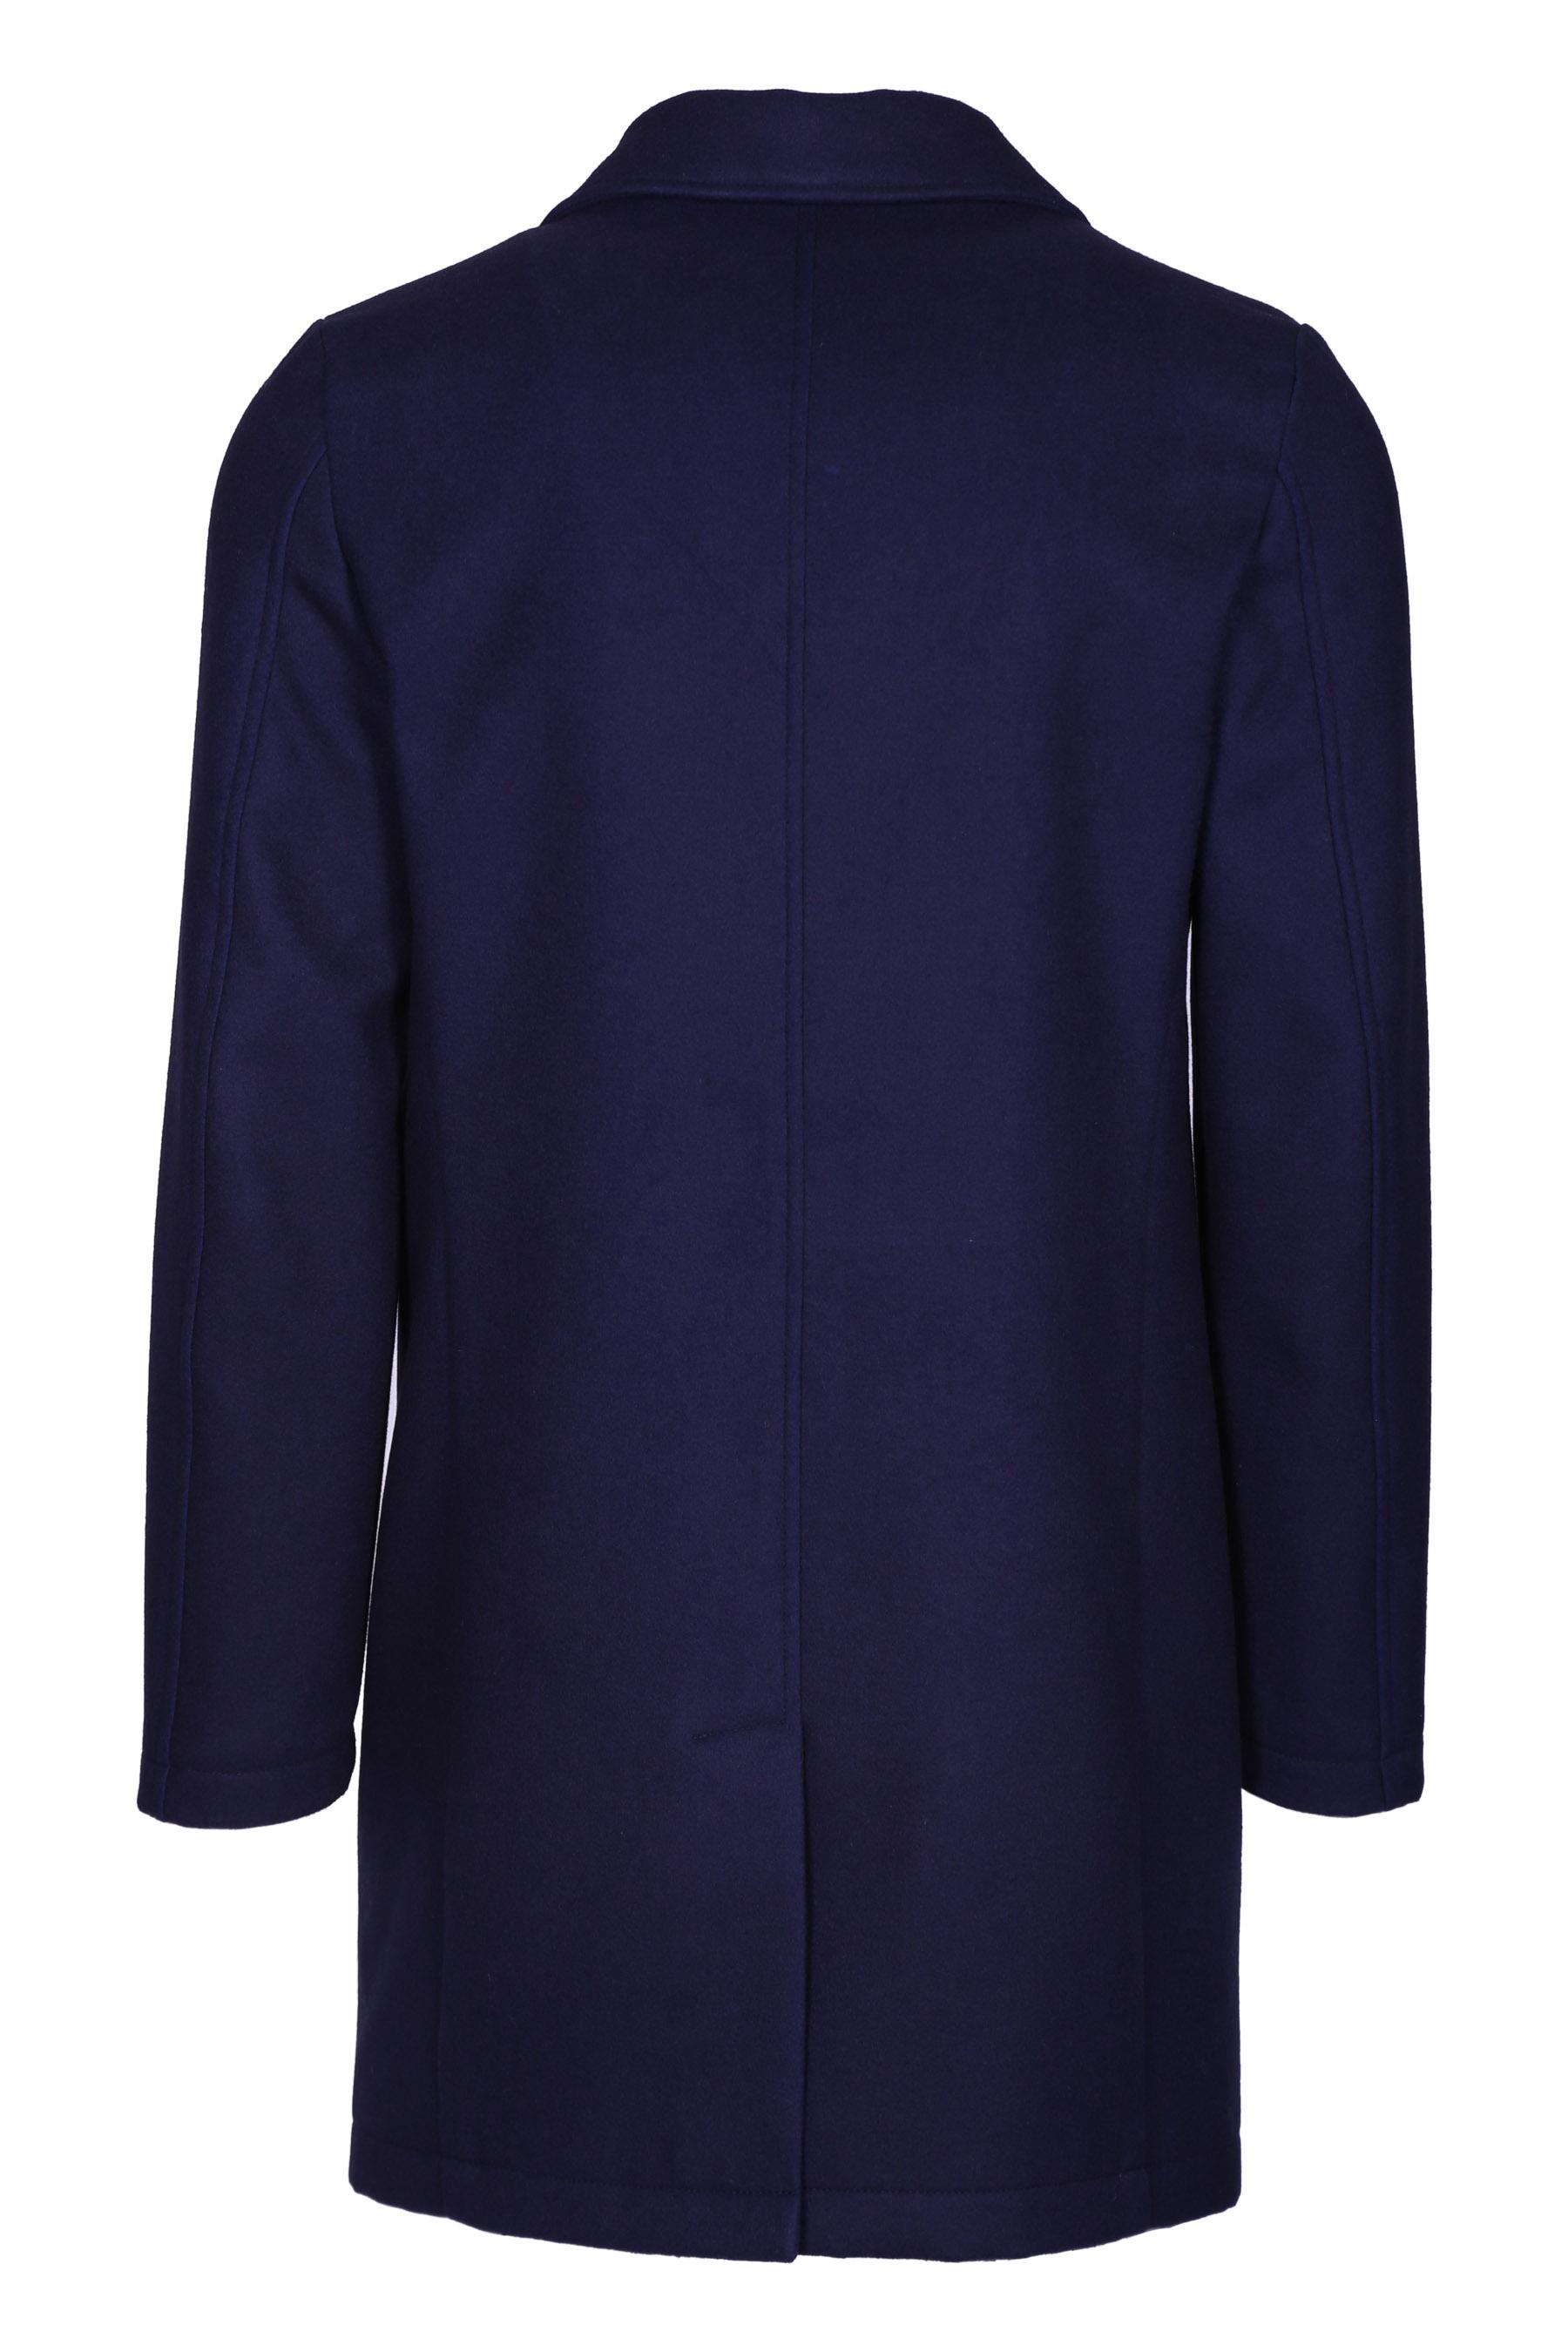 Cappotto tre bottoni DANIELE ALESSANDRINI | Cappotti | T444M511390623